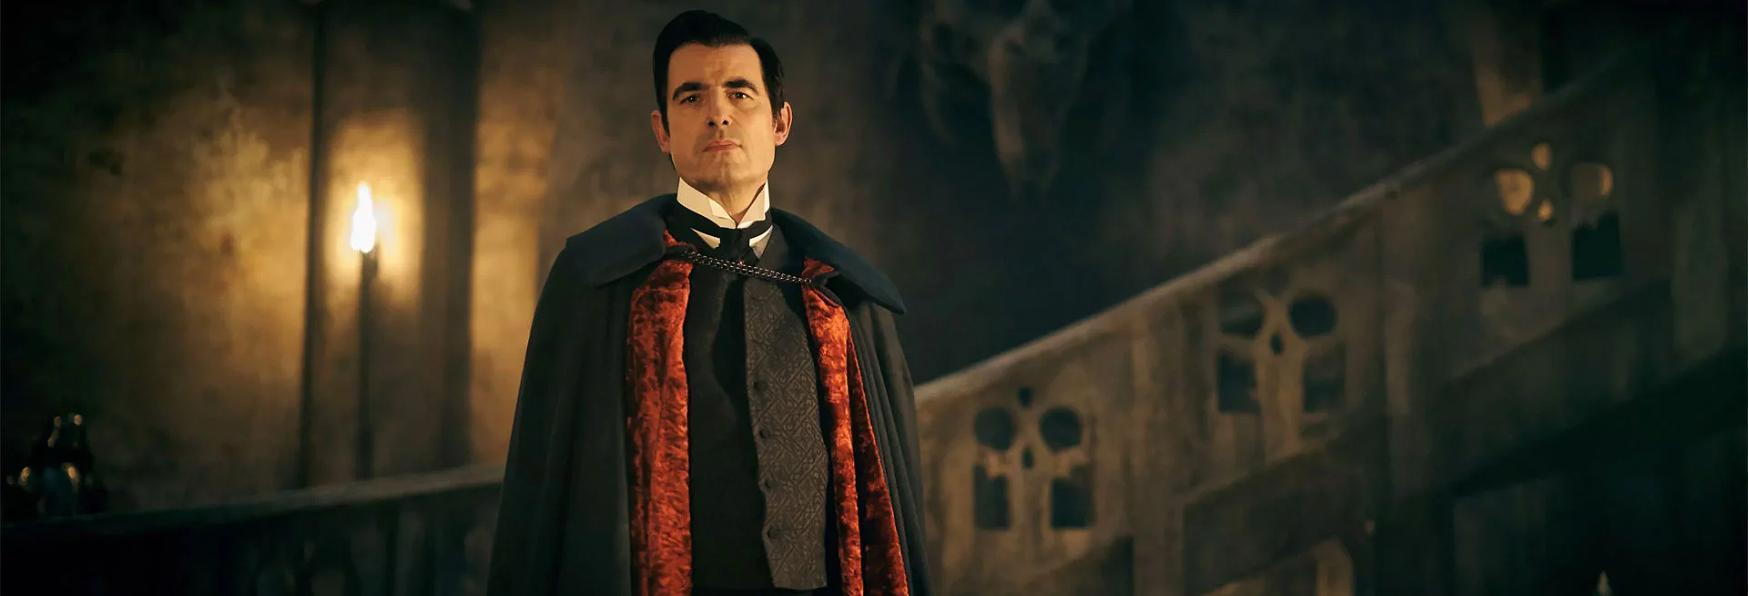 Dracula: Recensione dei primi Due Episodi della nuova Miniserie BBC di Steven Moffat e Mark Gatiss